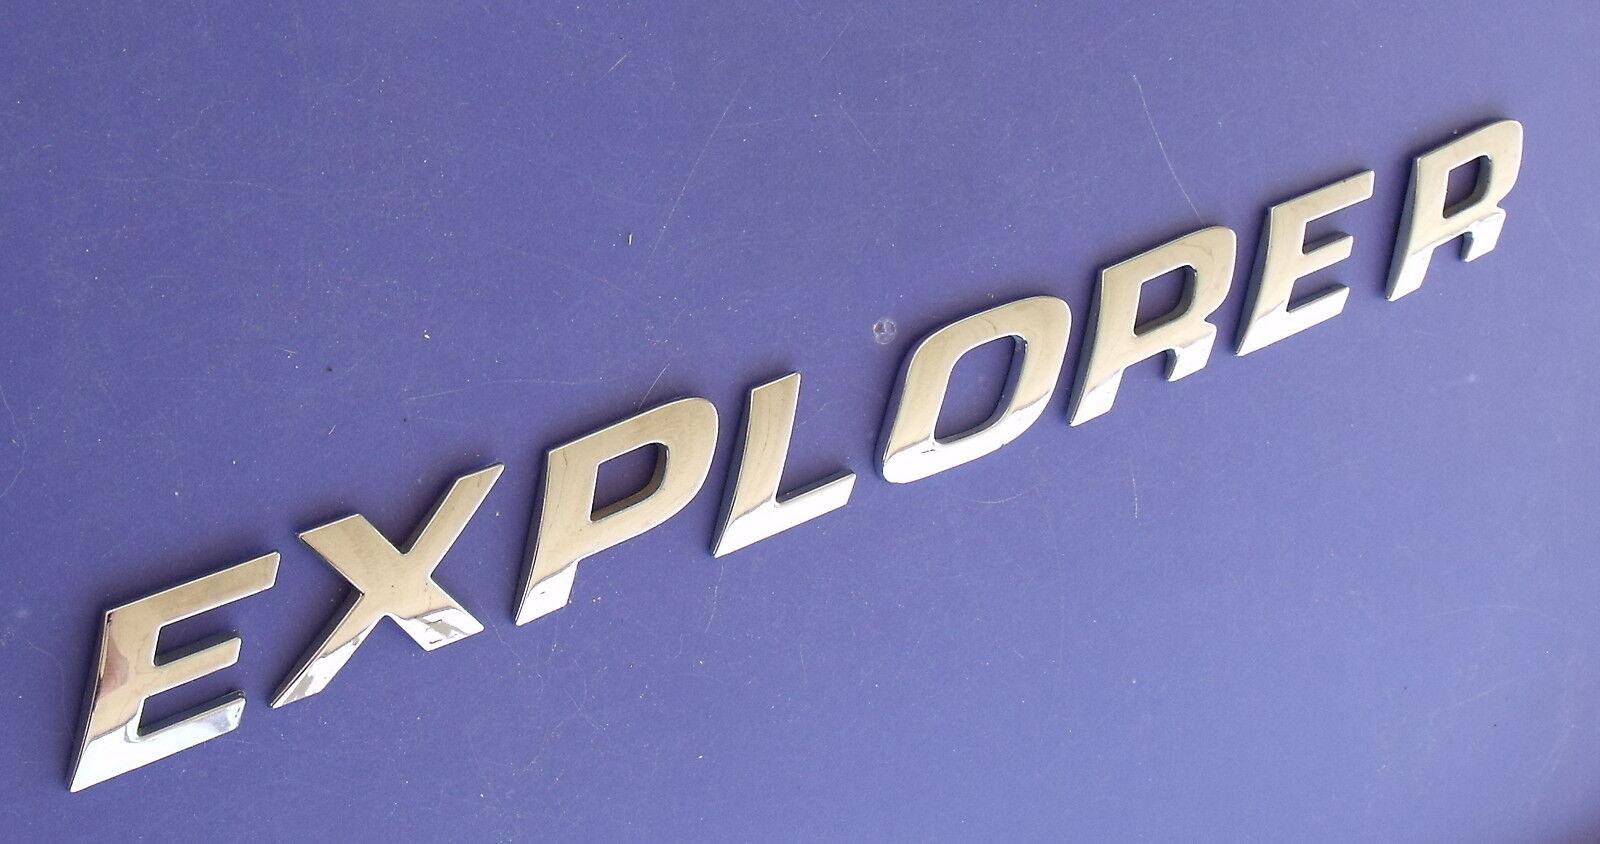 02-03 Ford Explorer XLT Logo 1L2Z-7842528-BA Decal Emblem Decorative Ornament